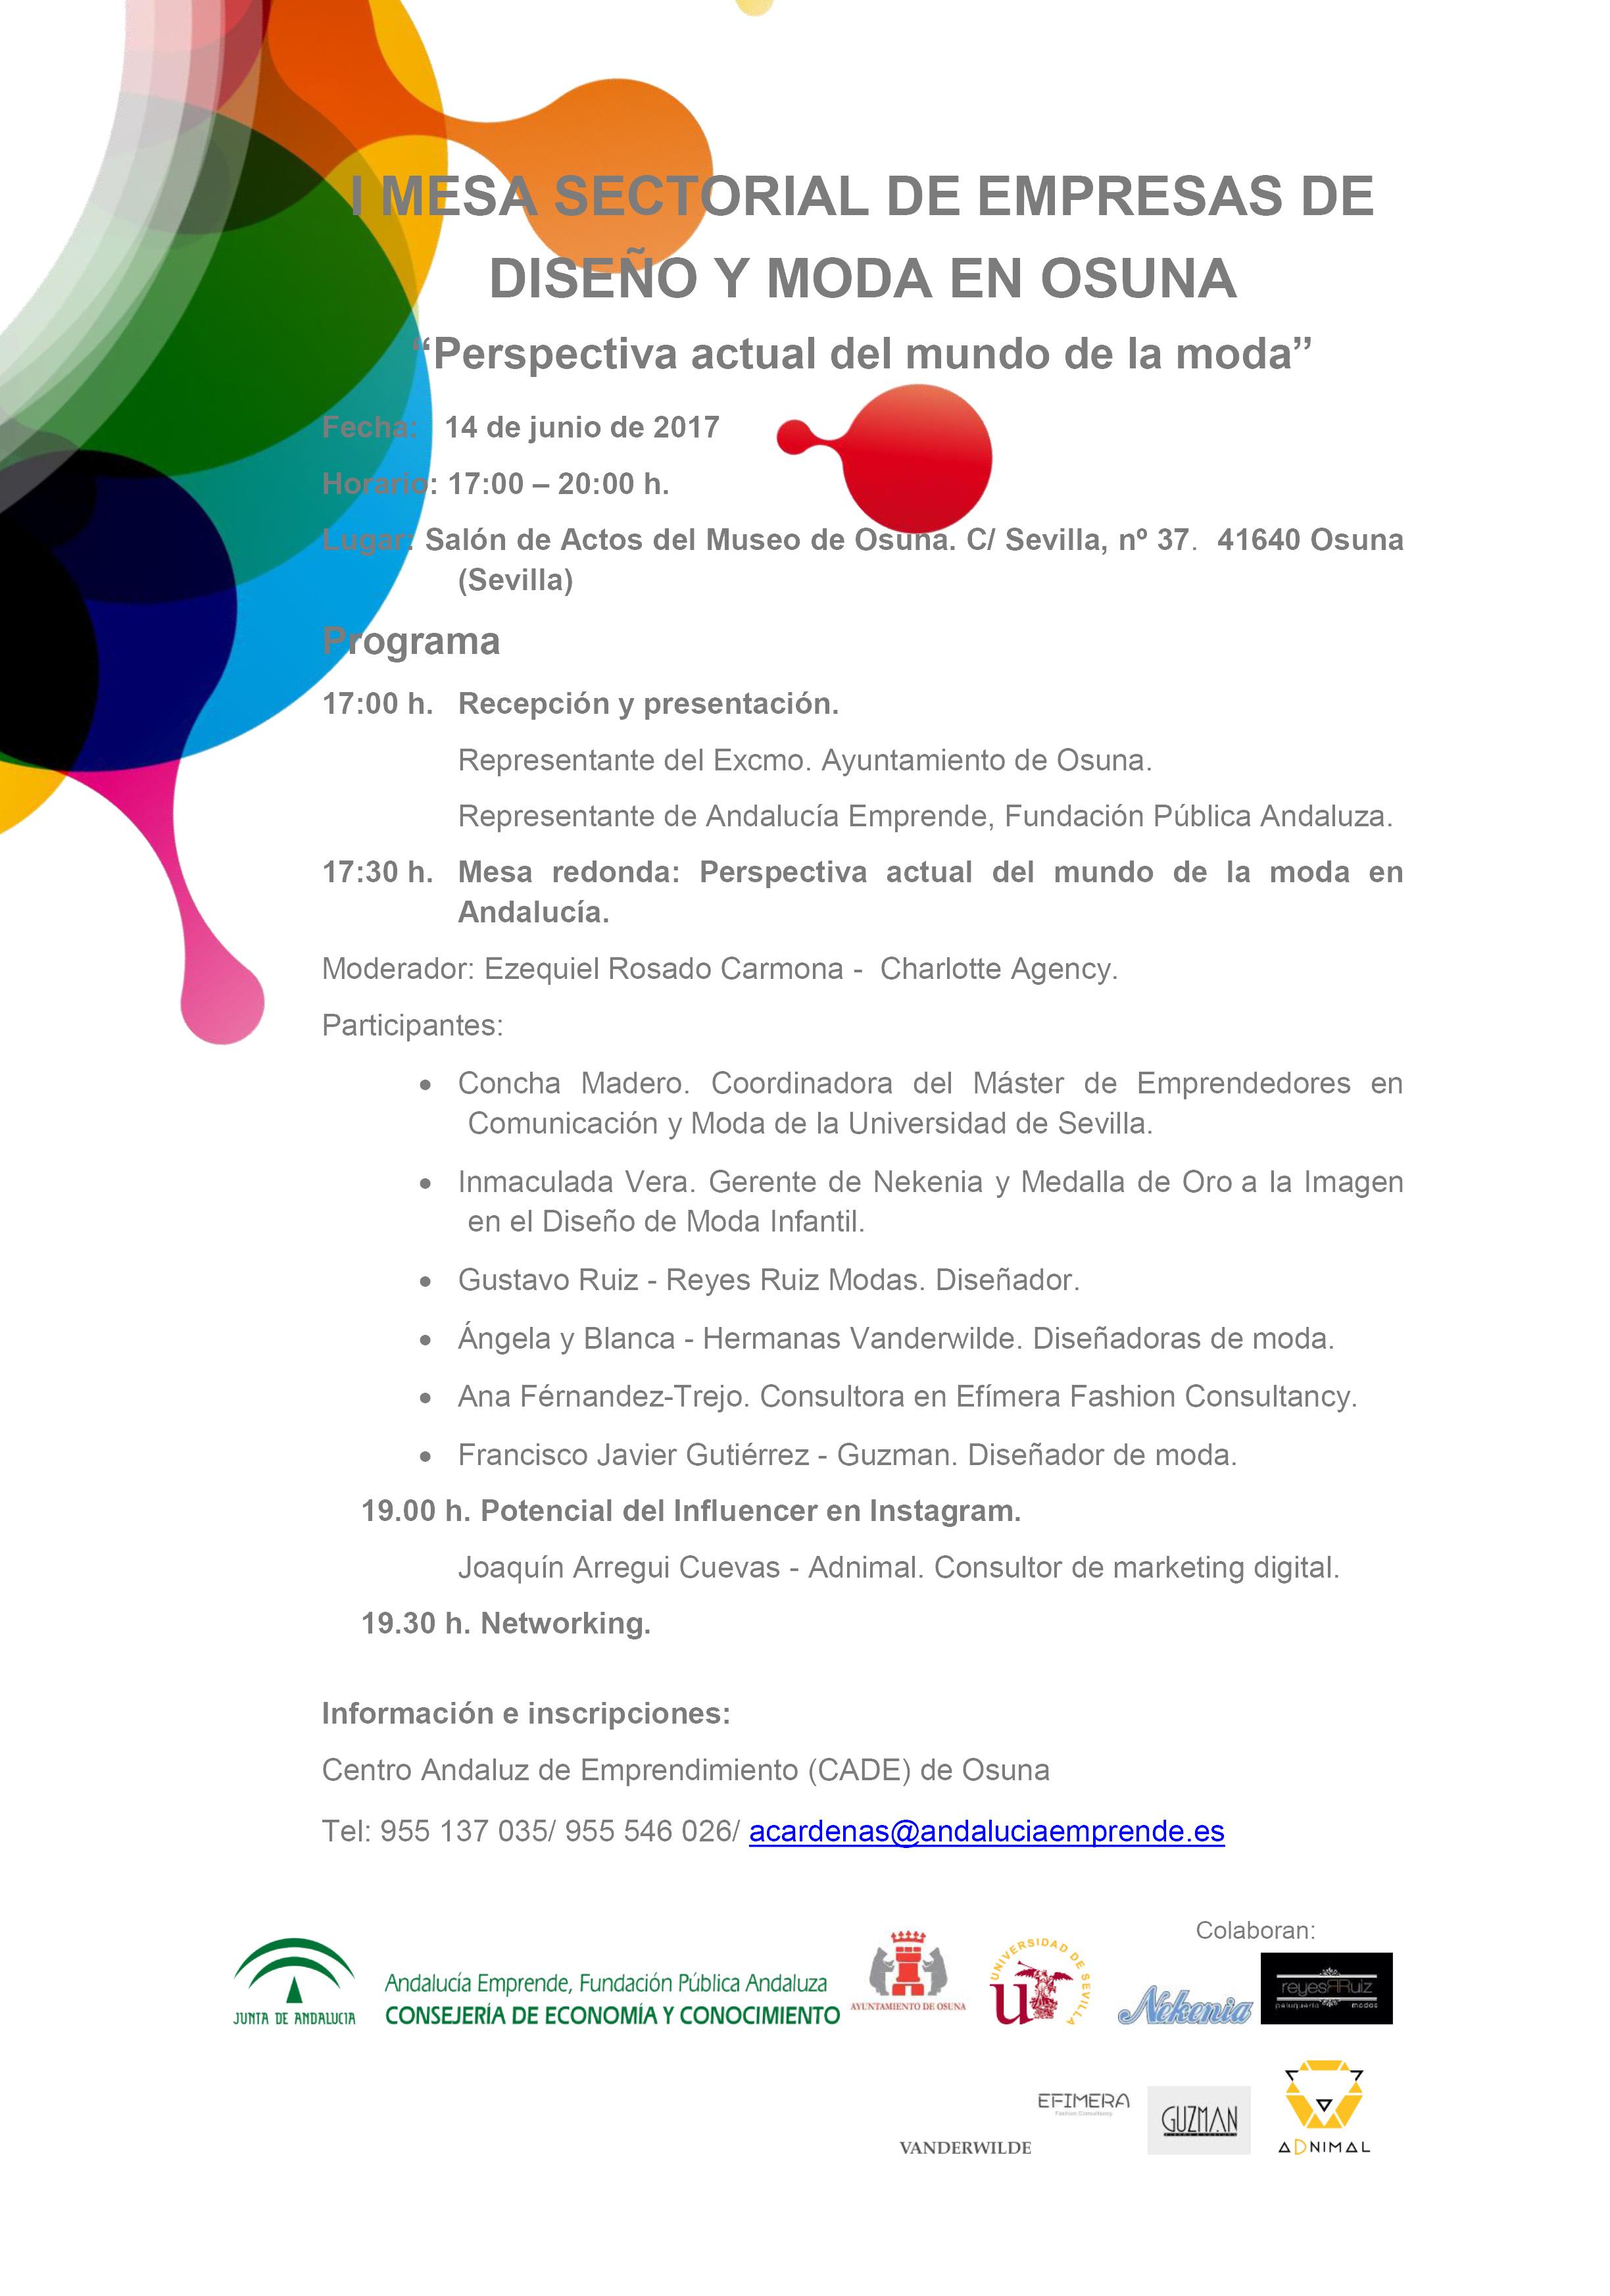 I mesa sectorial de empresas de dise o y moda en osuna - Empresas de diseno ...